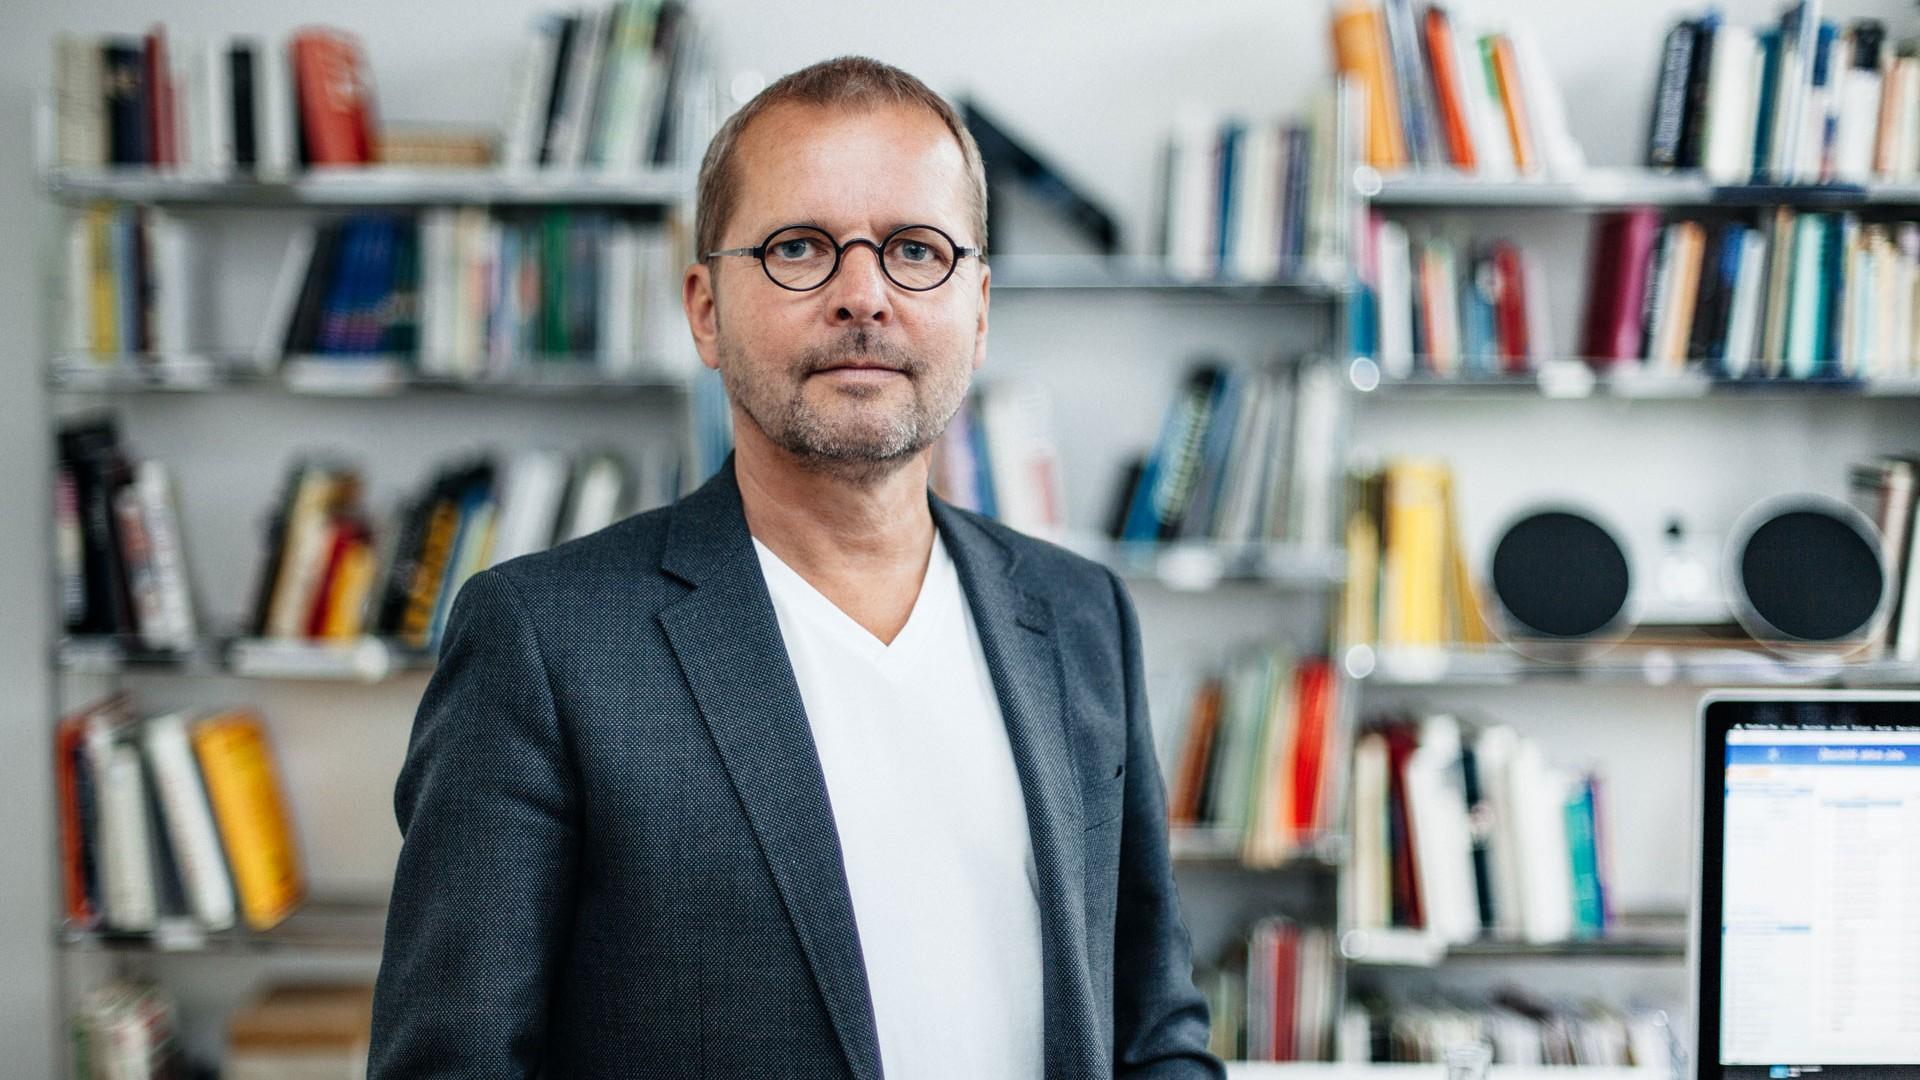 Florian steht in weißem T-Shirt und dunklem Sakko vor dem Bücherregal in seinem Büro. Er trägt eine Brille mit runden Gläsern und Dreitagebart.